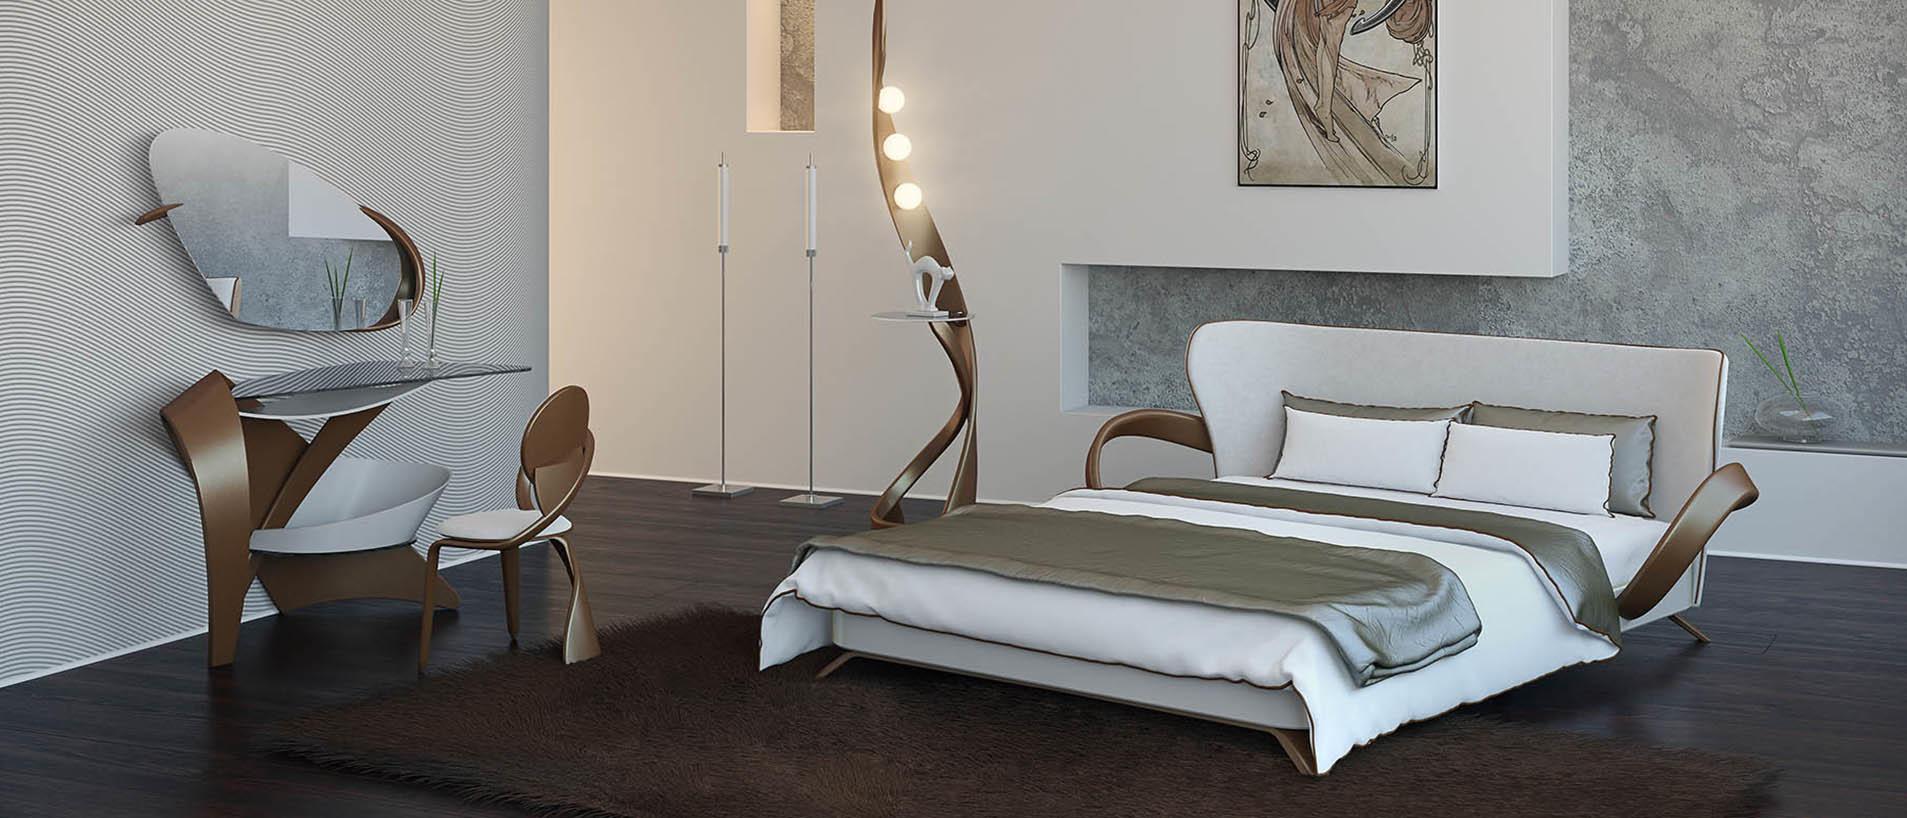 Мебель с деревянными вставками в интерьере